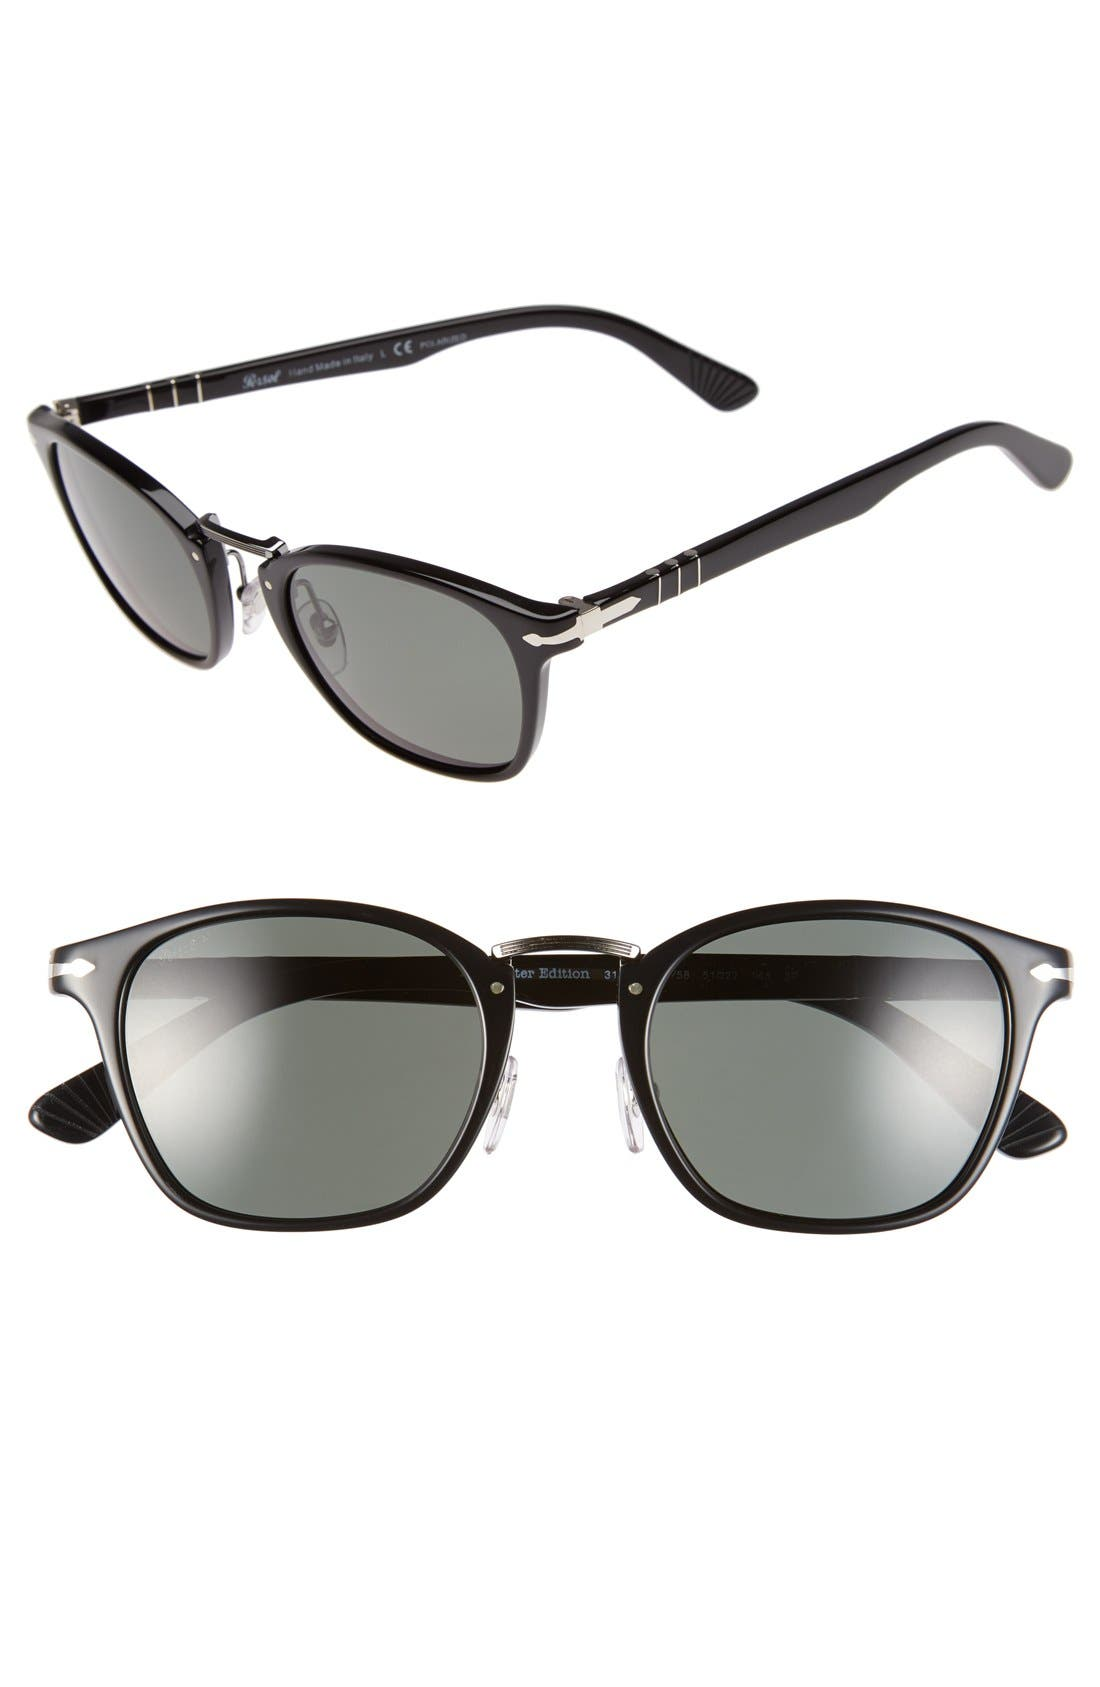 PERSOL 51Mm Polarized Retro Sunglasses - Black/ Grey Green